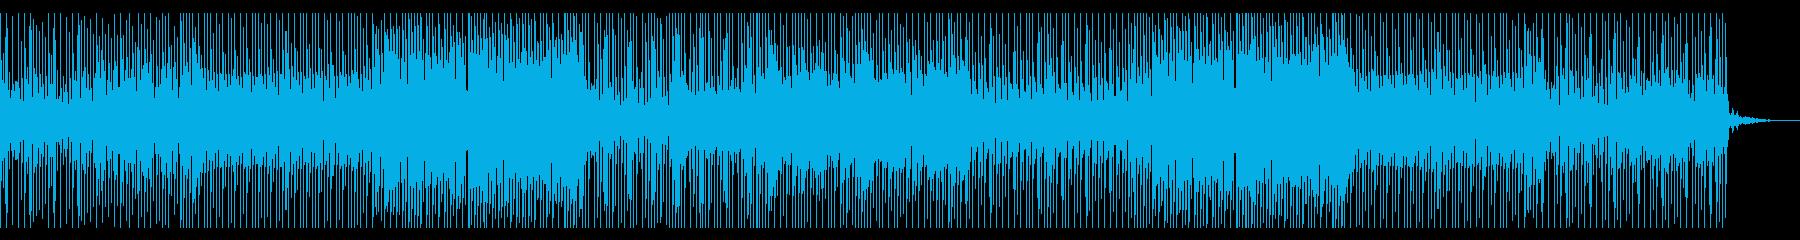 可愛くて元気な感じの曲の再生済みの波形